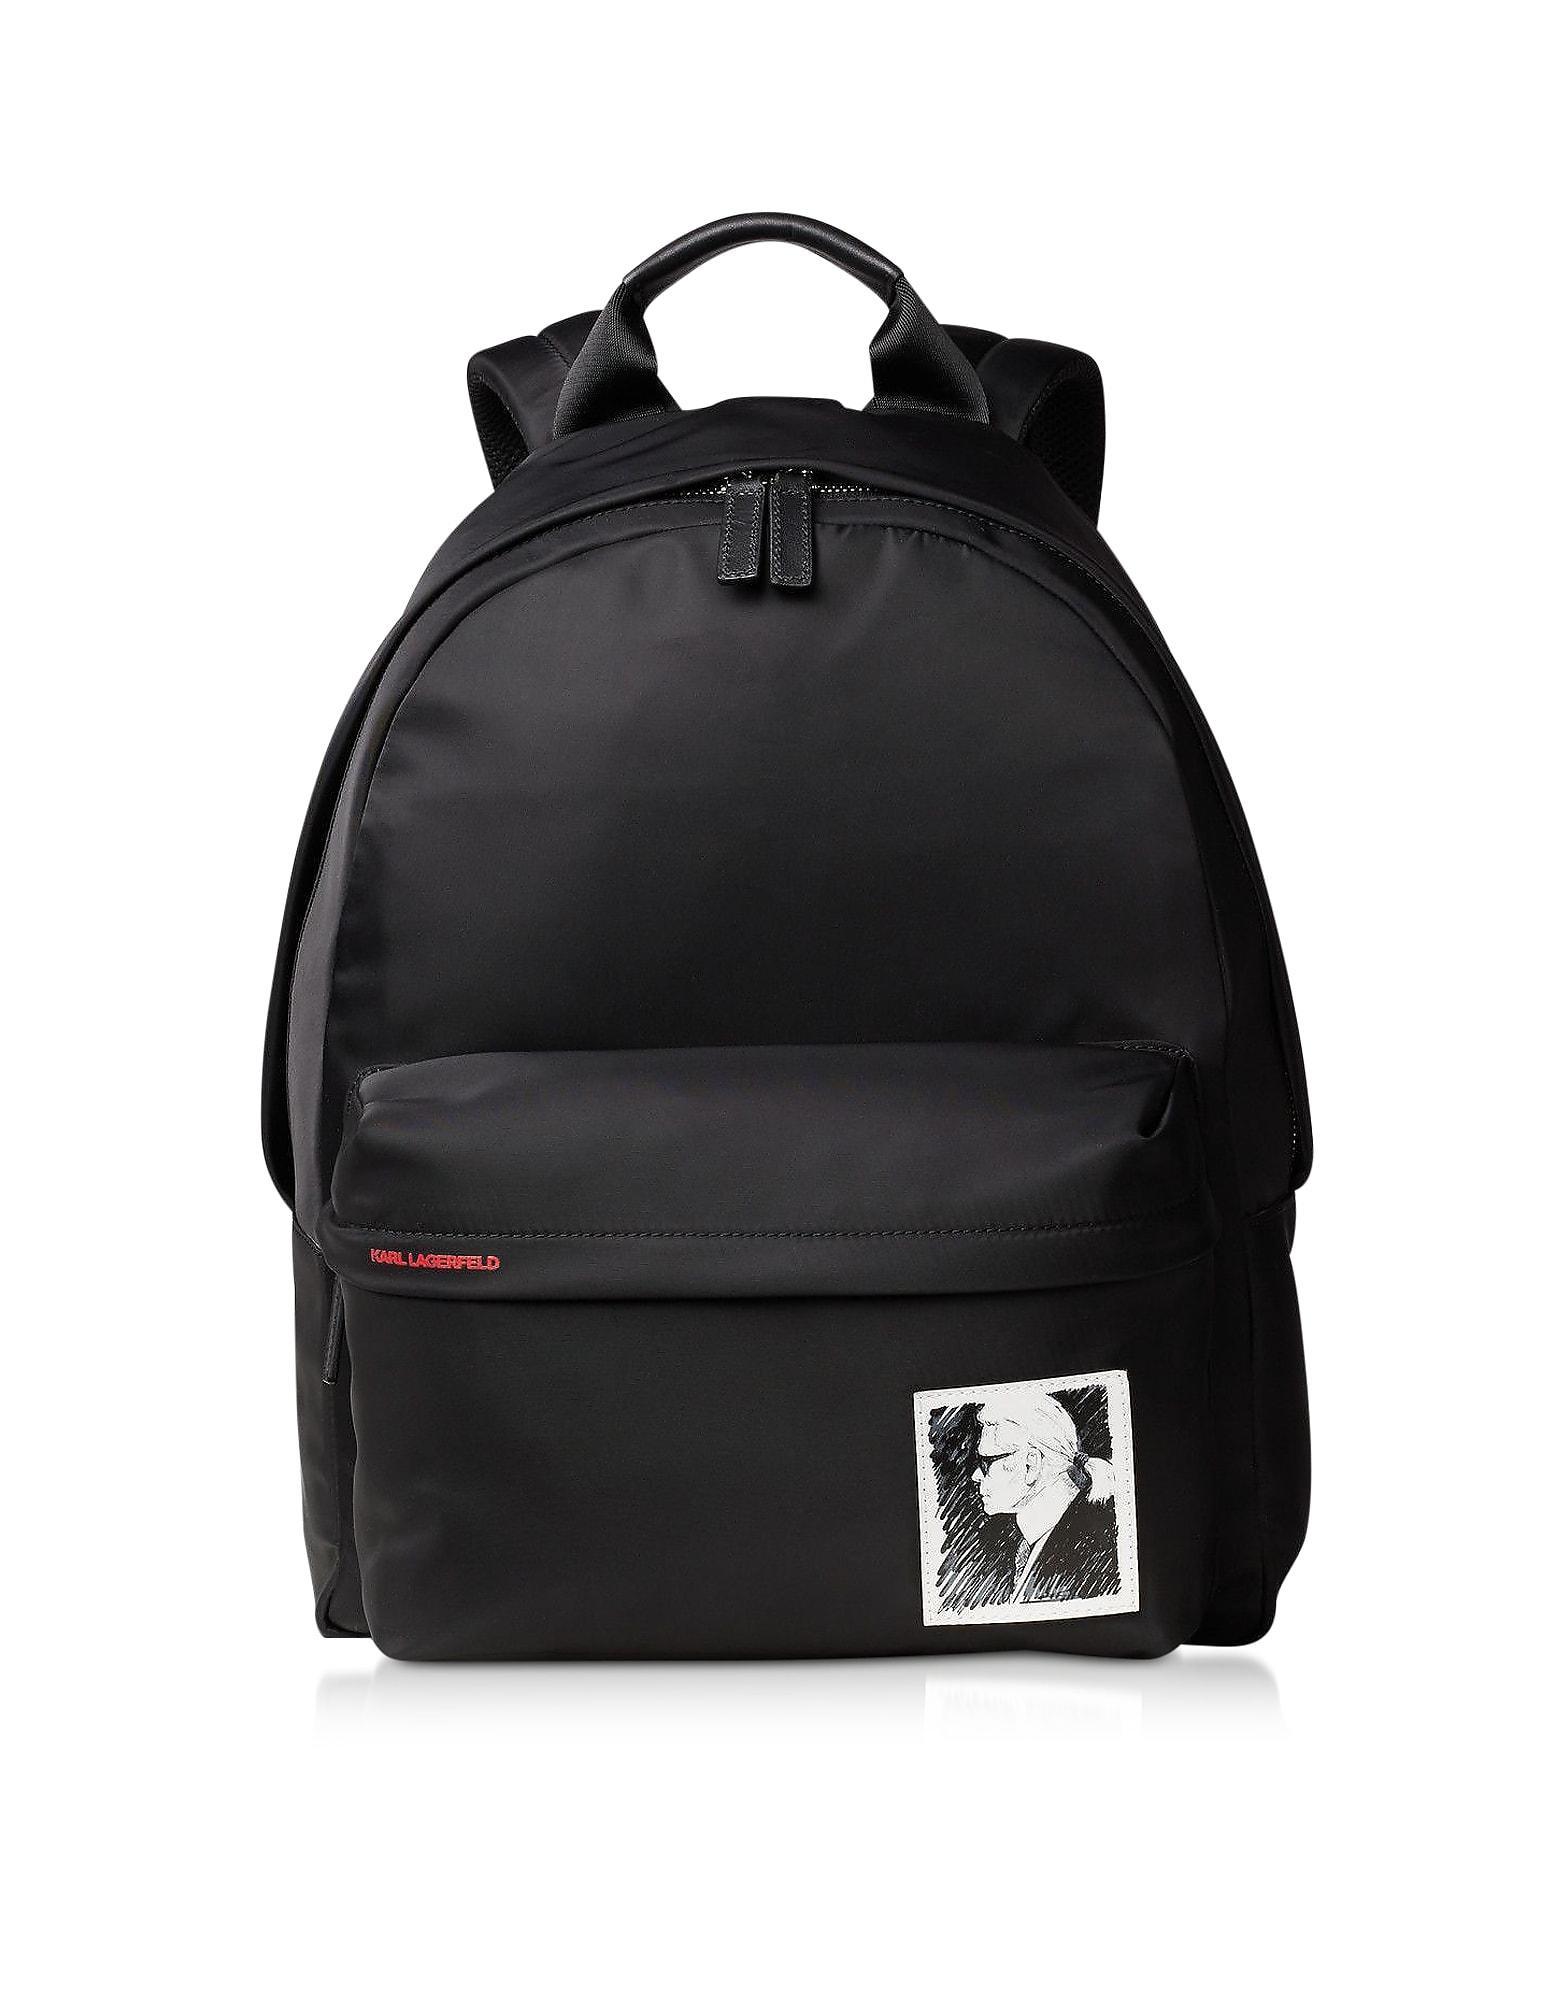 Karl Lagerfeld Backpacks KARL LEGEND NYLON BACKPACK